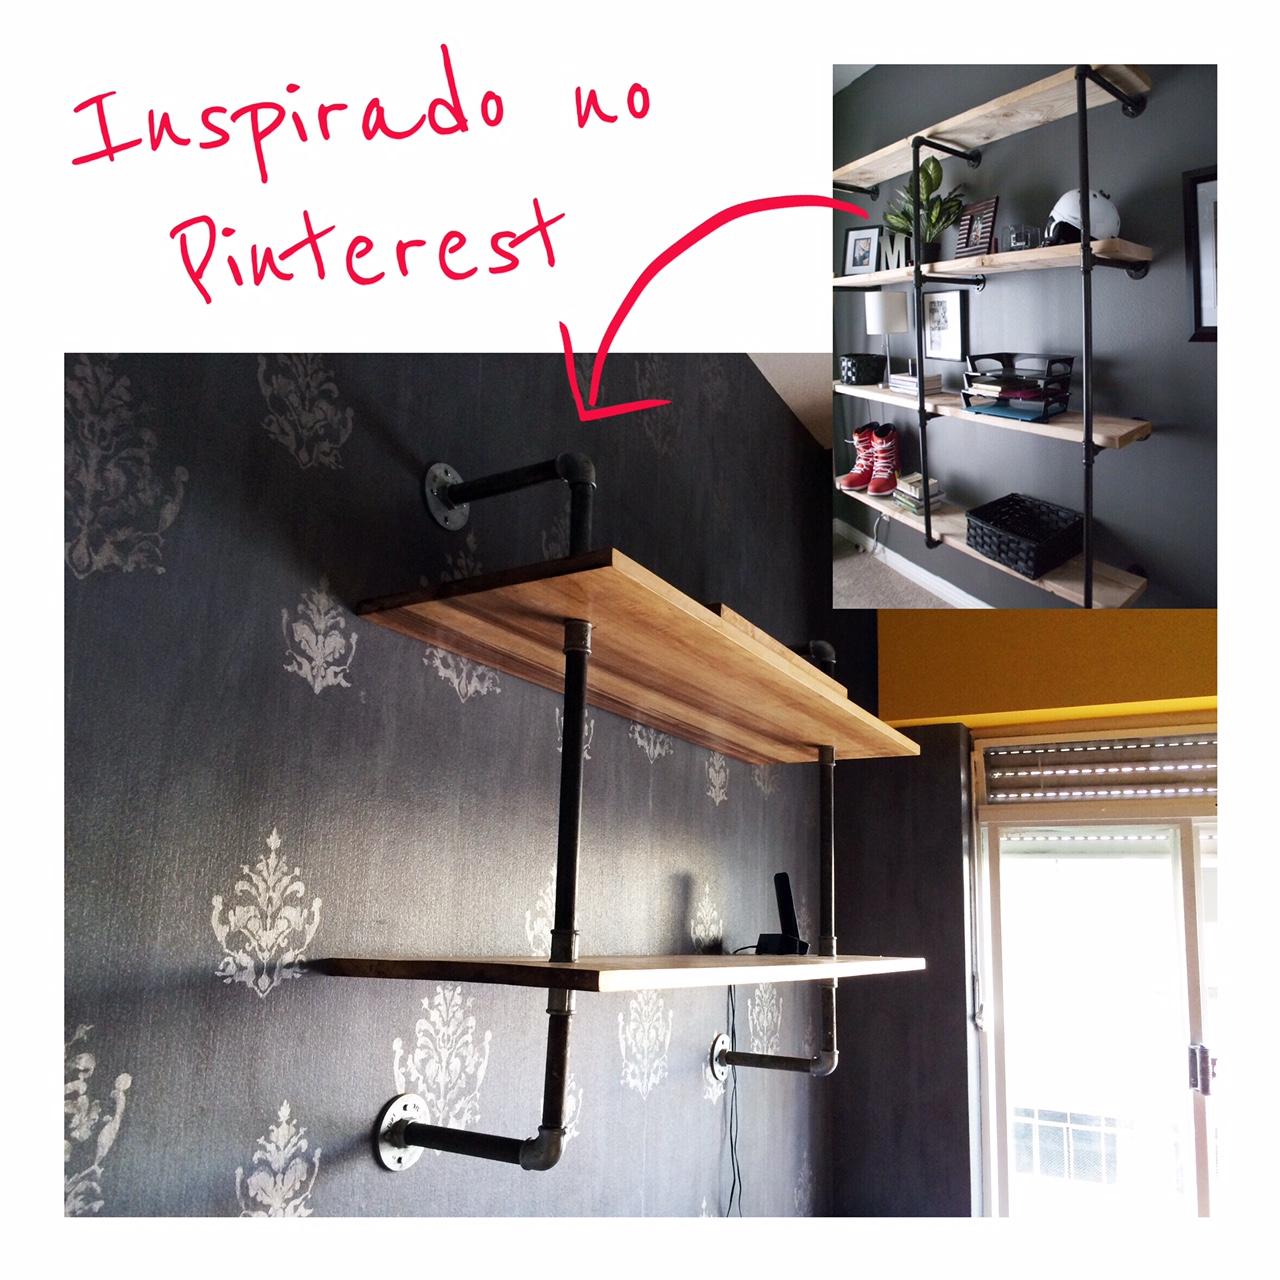 PRATELEIRA DE MADEIRA COM ESTRUTURA DE TUBO DE METAL.     Foto menor: Pinterest.     Foto Maior: Projeto Autoral para Home Office.